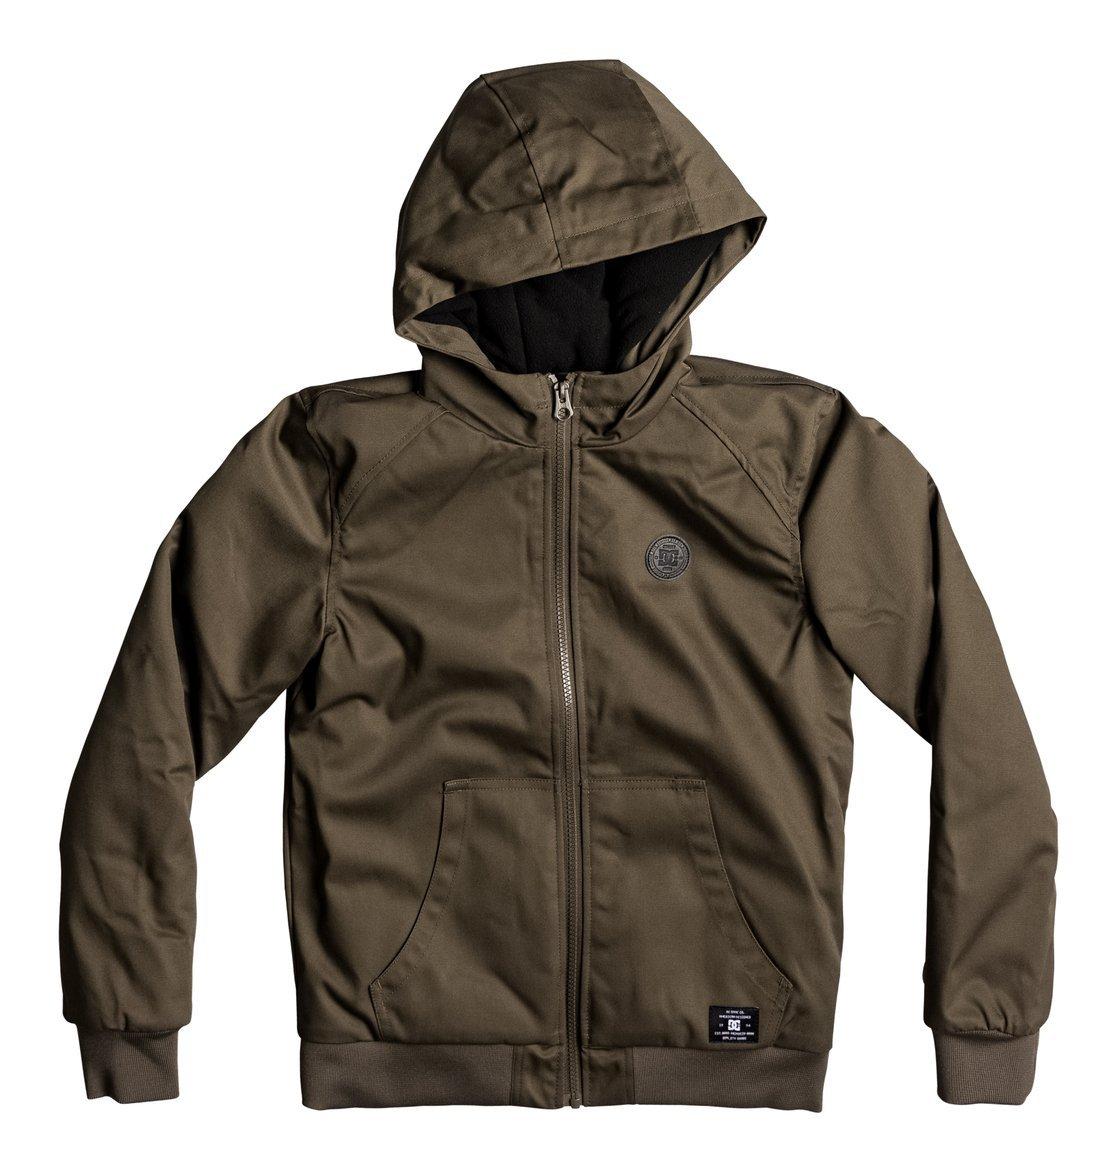 DC Shoes Boy's Ellis Jacket 4Boy Hooded Rain Jacket, boys, ELLIS JACKET 4 BOY DCSA3|#DC Shoes EDBJK03022